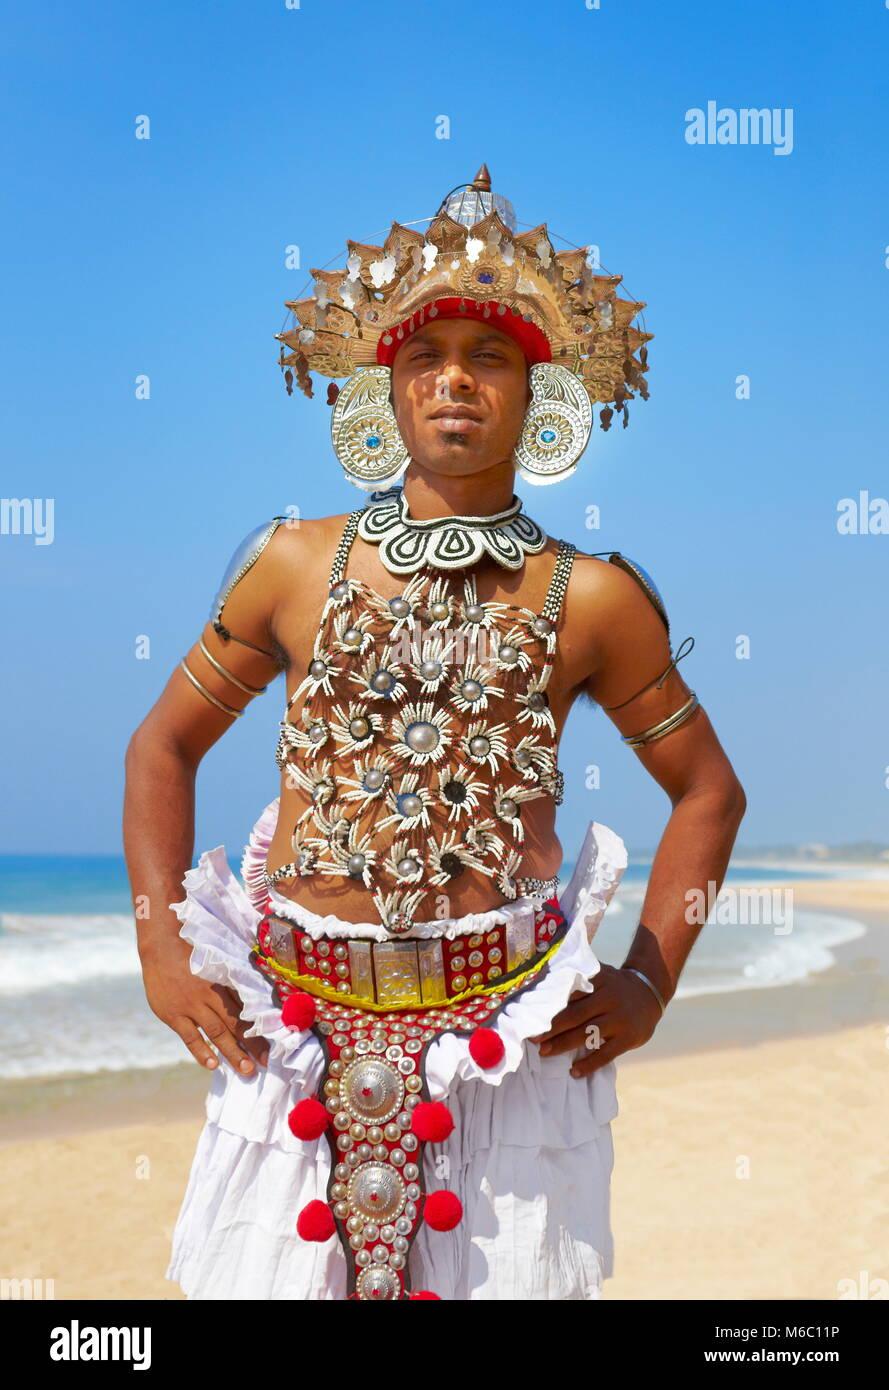 Ballerino locali in costume tradizionale, Sri Lanka Immagini Stock